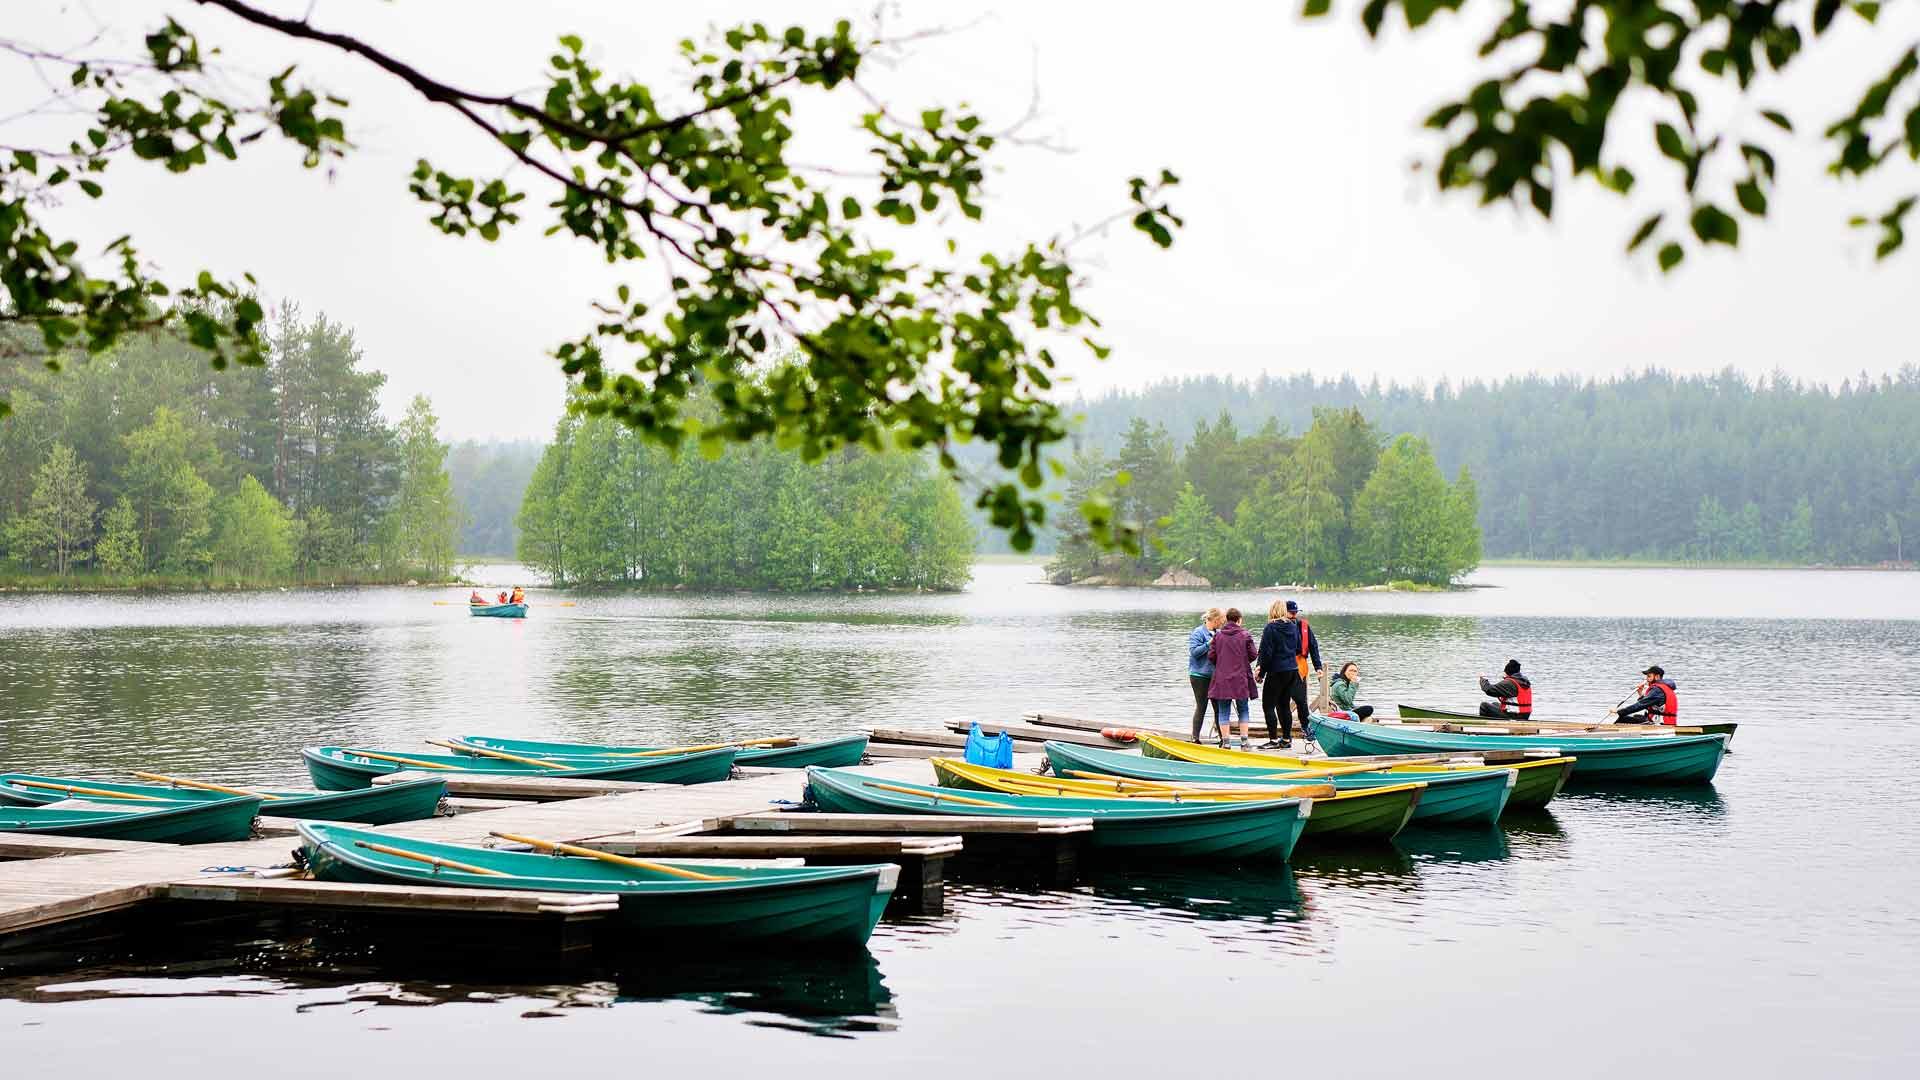 Matildajärven ranta